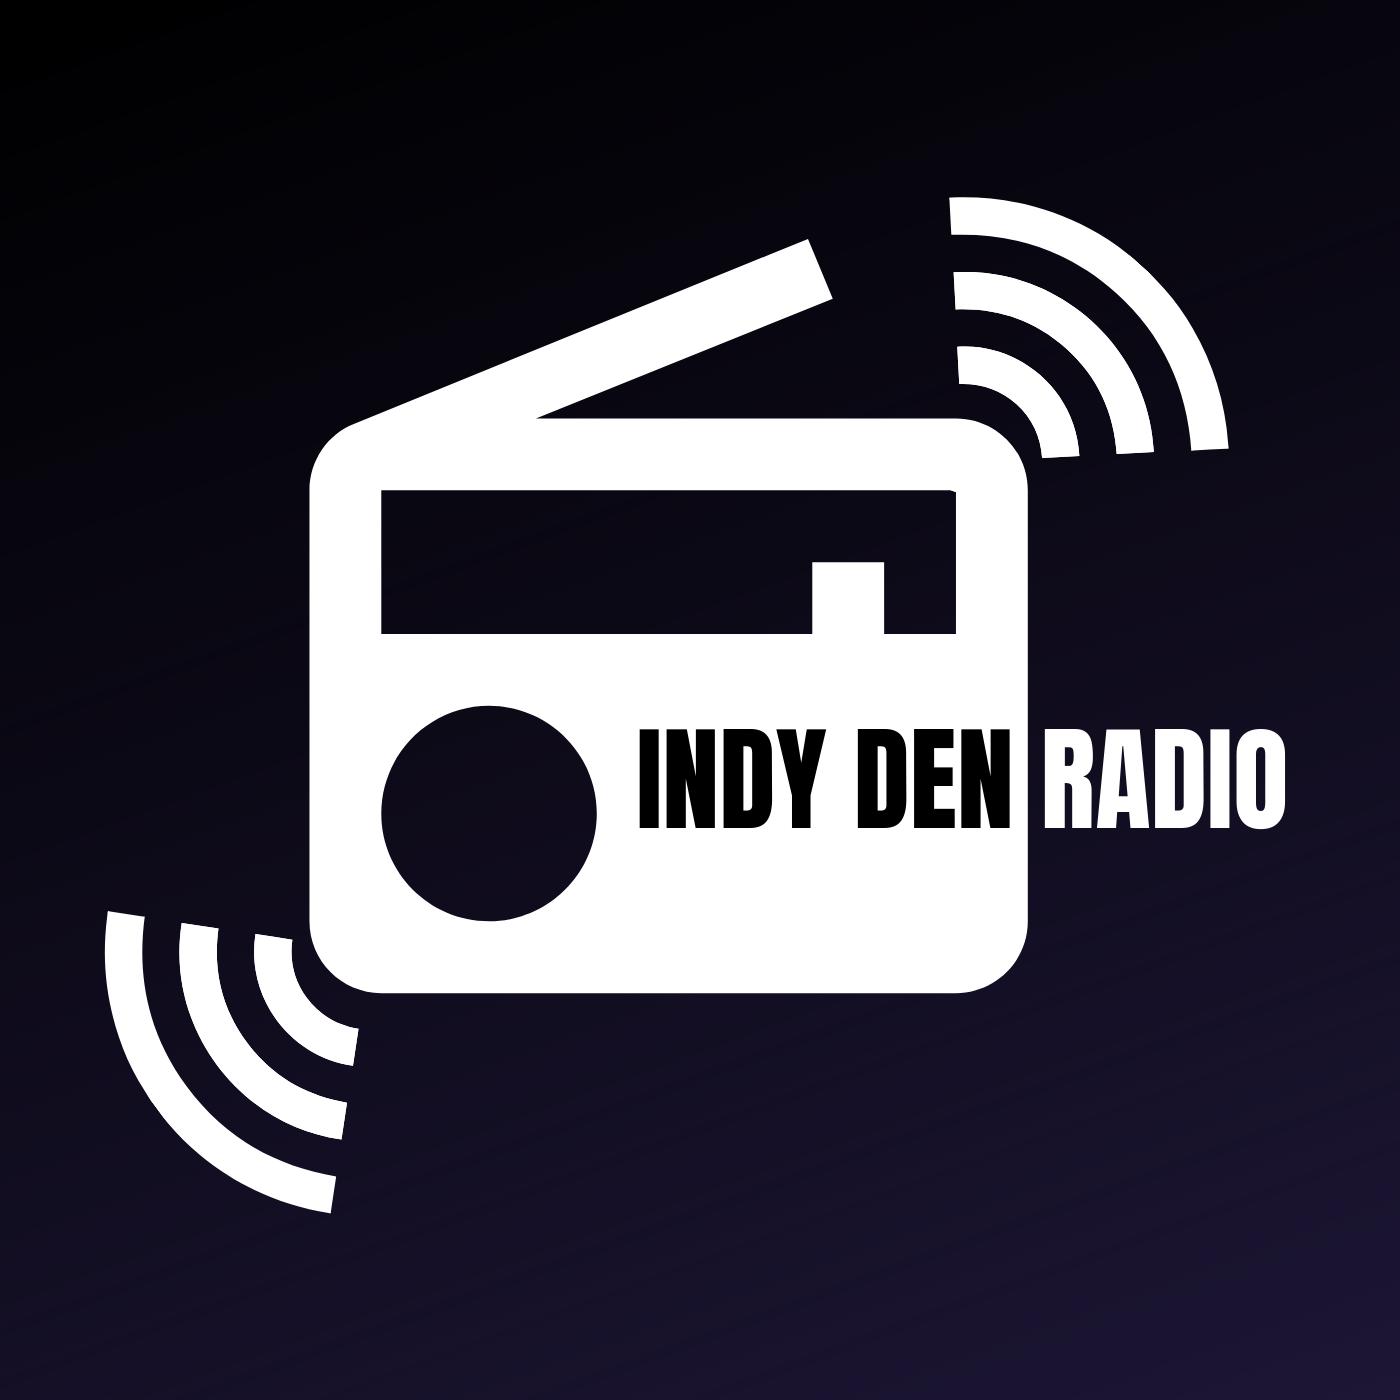 Indy Den Radio